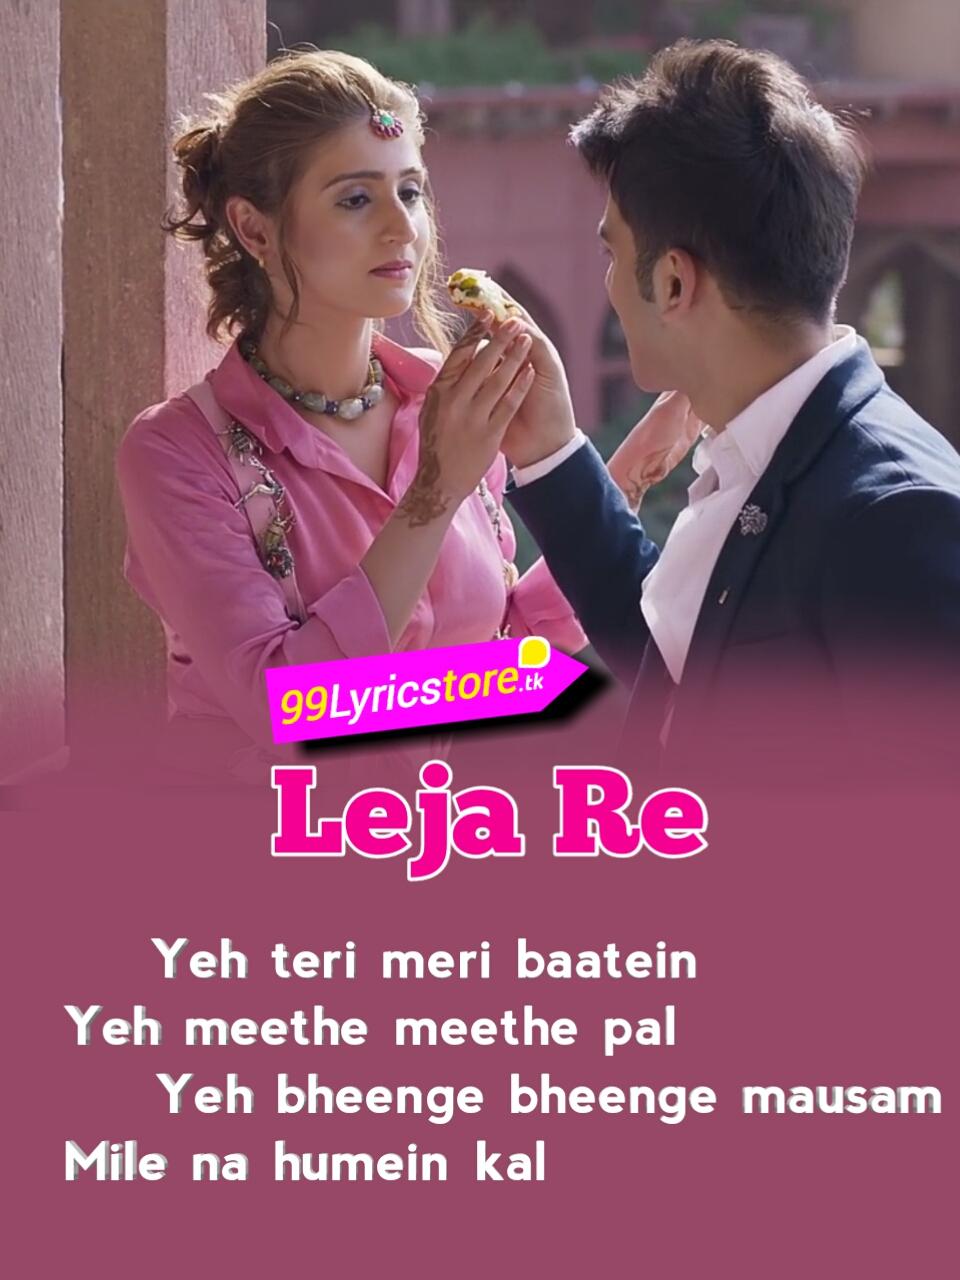 Dhvani bhanushali Song Lyrics, Latest Album Song Lyrics, Hindi Song Lyrics, Latest Album Song Lyrics 2018, Love Quotes in Hindi